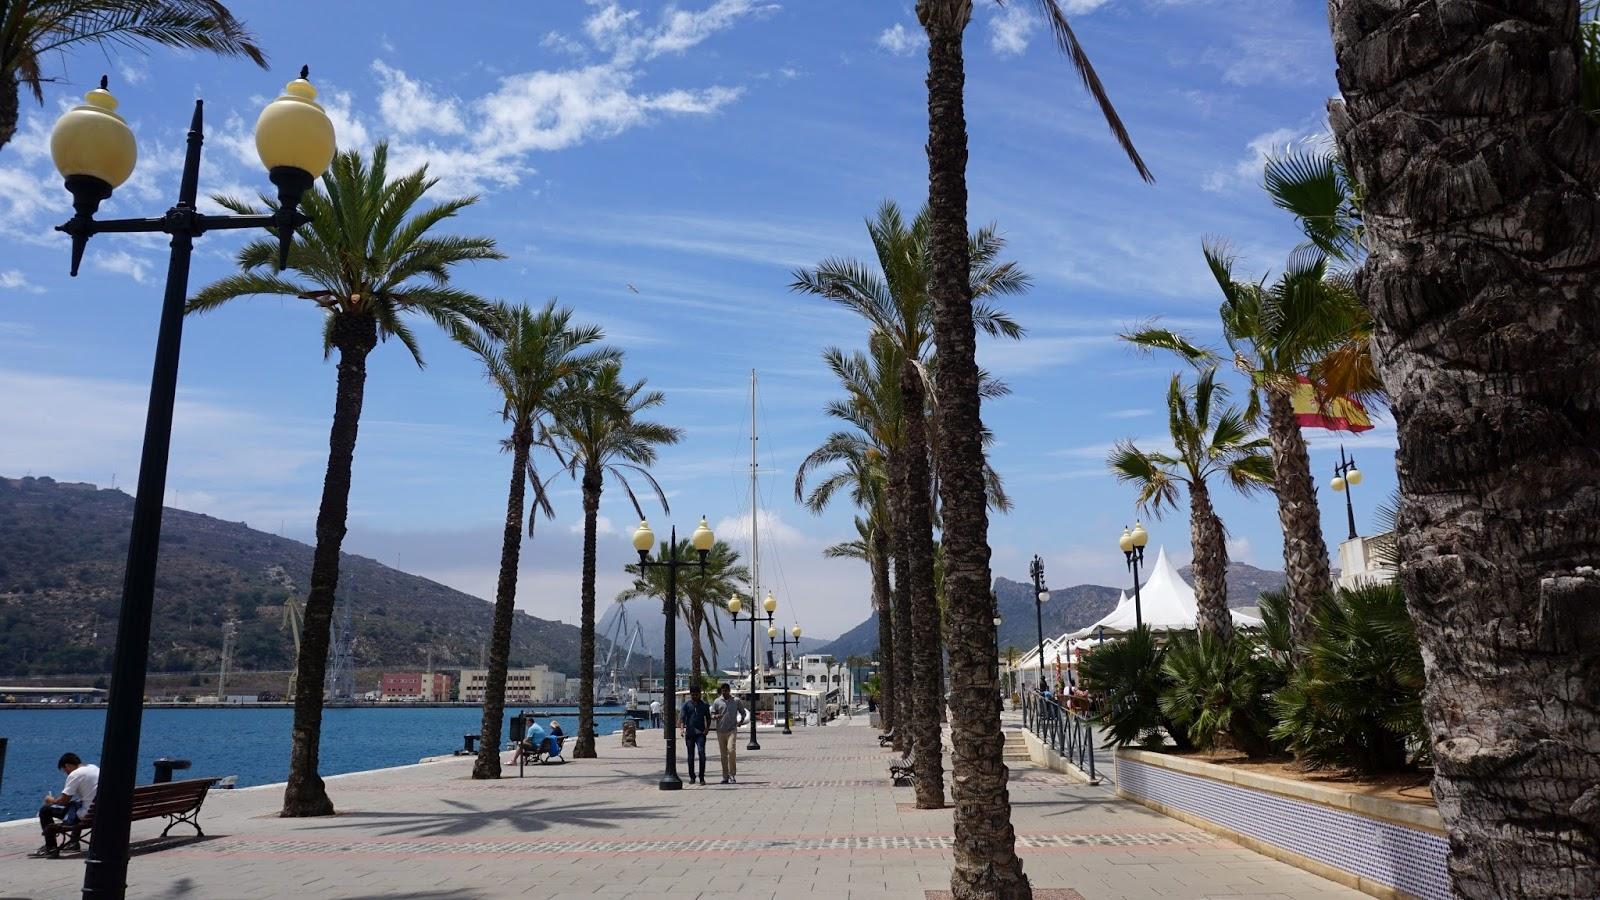 port Kartagena, Kartagena, atrakcje Hiszpanii, południowa Hiszpania miasta, prowincja Murcja,  Costa Calida